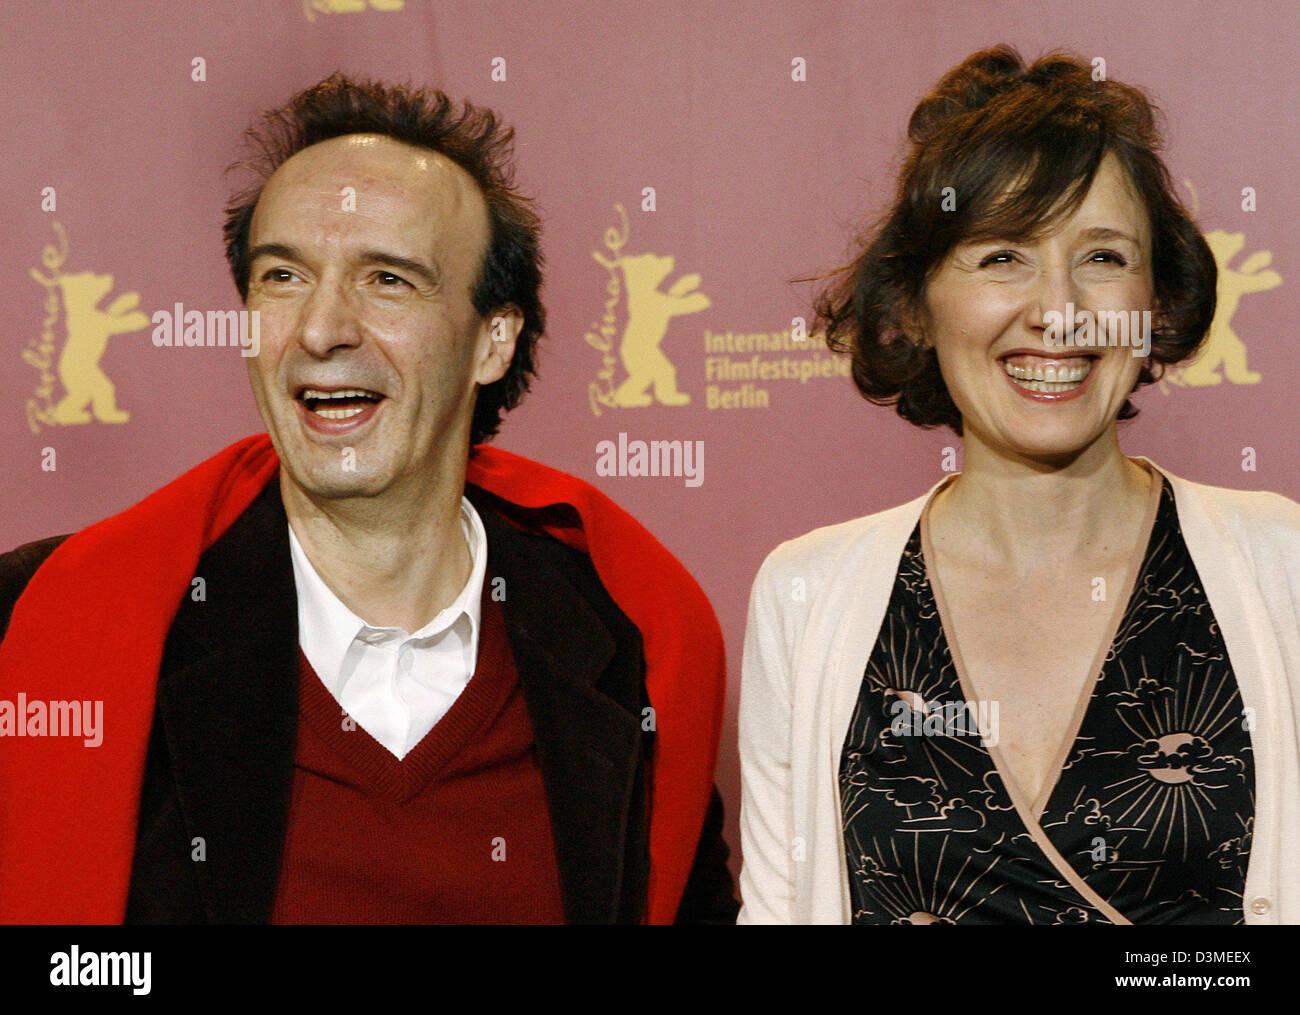 Italienischer Regisseur und Schauspieler Roberto Benigni (L) und  italienische Schauspielerin Nicoletta Braschi posieren für Fotografen auf  der 56. internationalen Film Festival Berlinale in Berlin, Deutschland,  Freitag, 17. Februar 2006. Sie ...